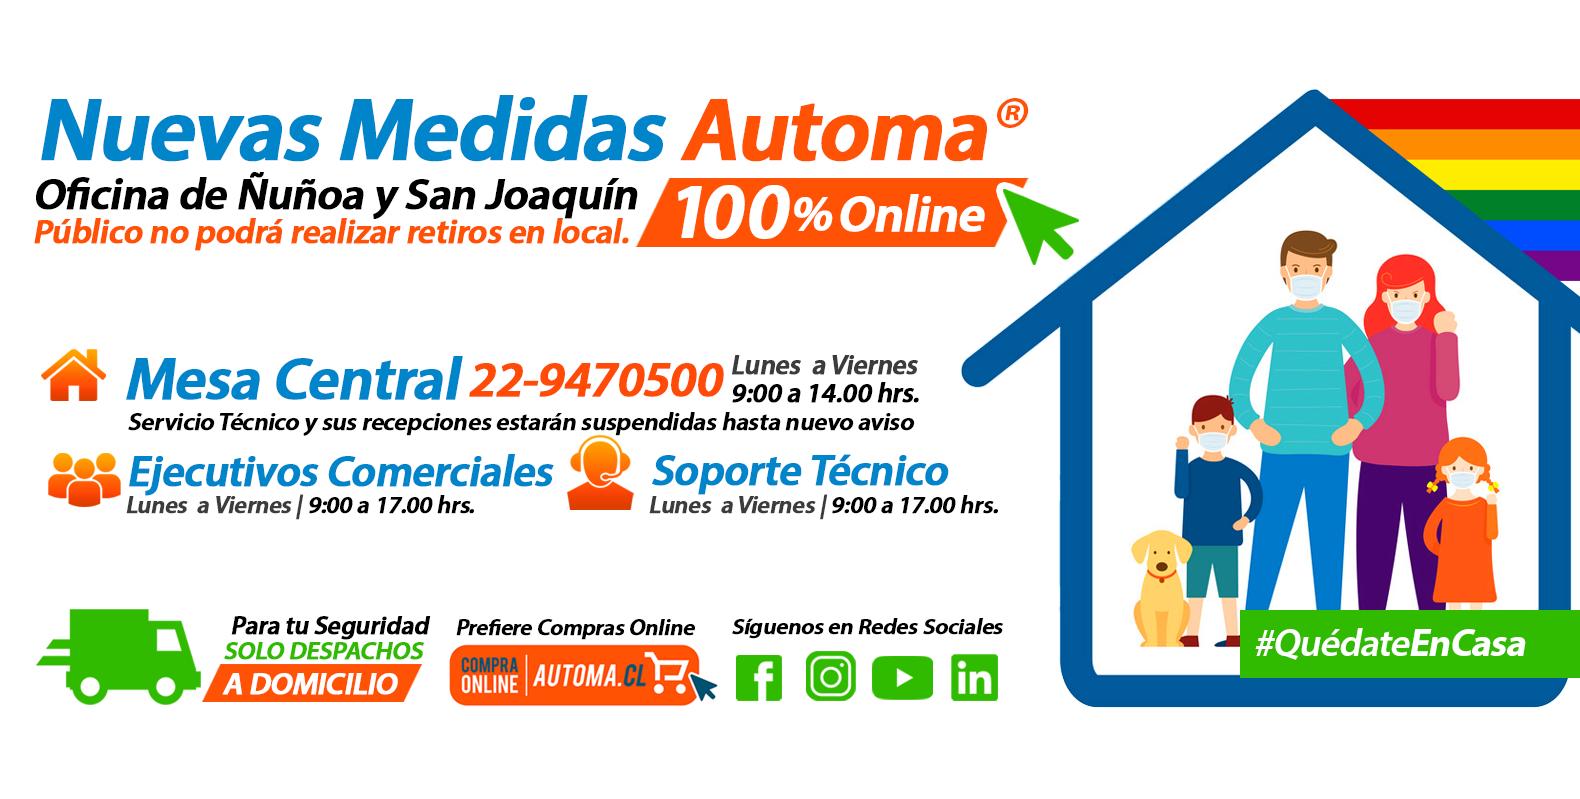 Medidas, Ventas  y Despachos Automa®